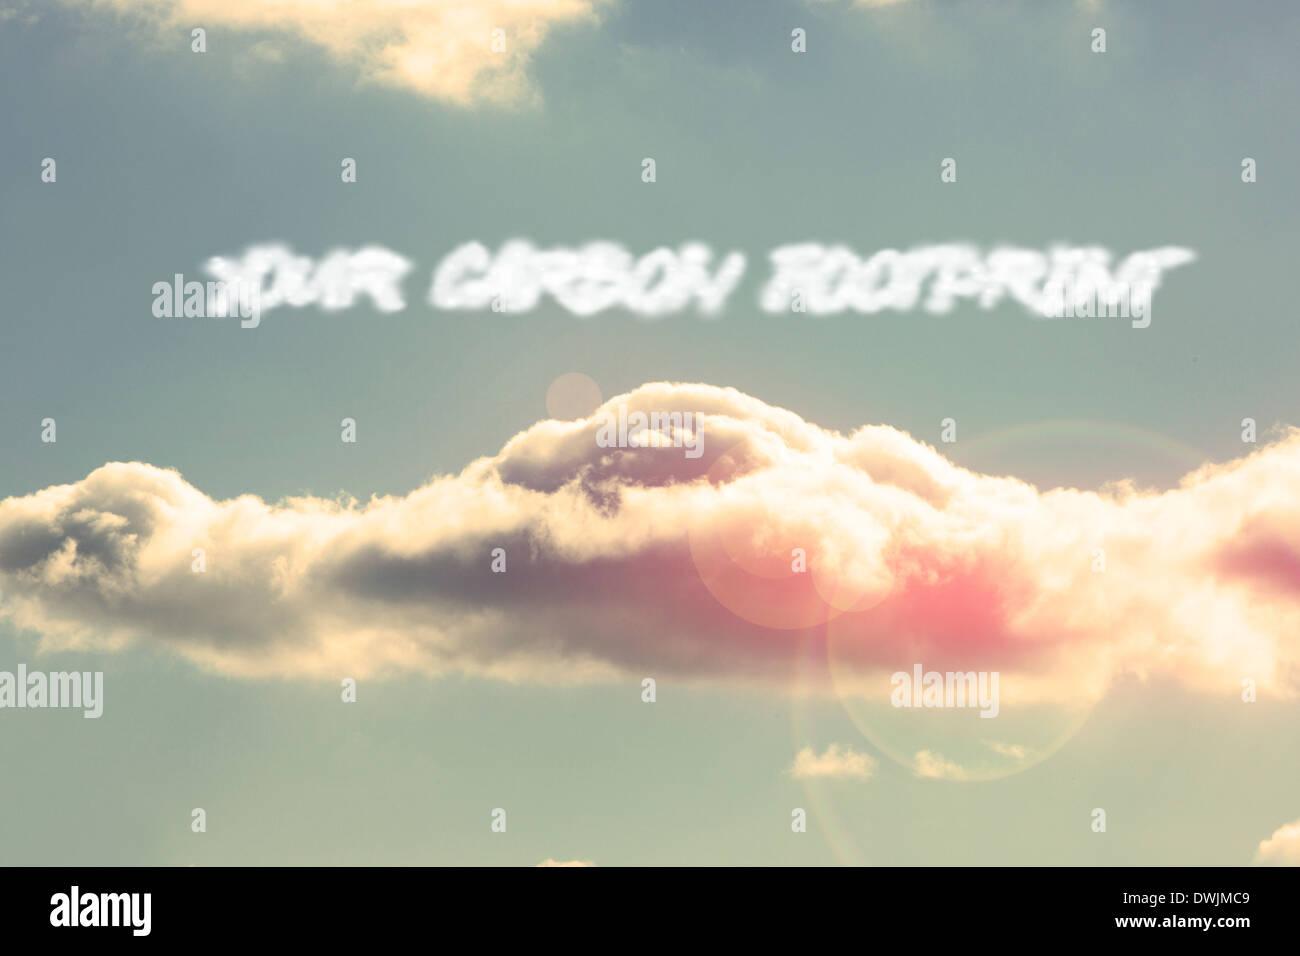 Su huella de carbono contra el brillante cielo azul con nubes Imagen De Stock